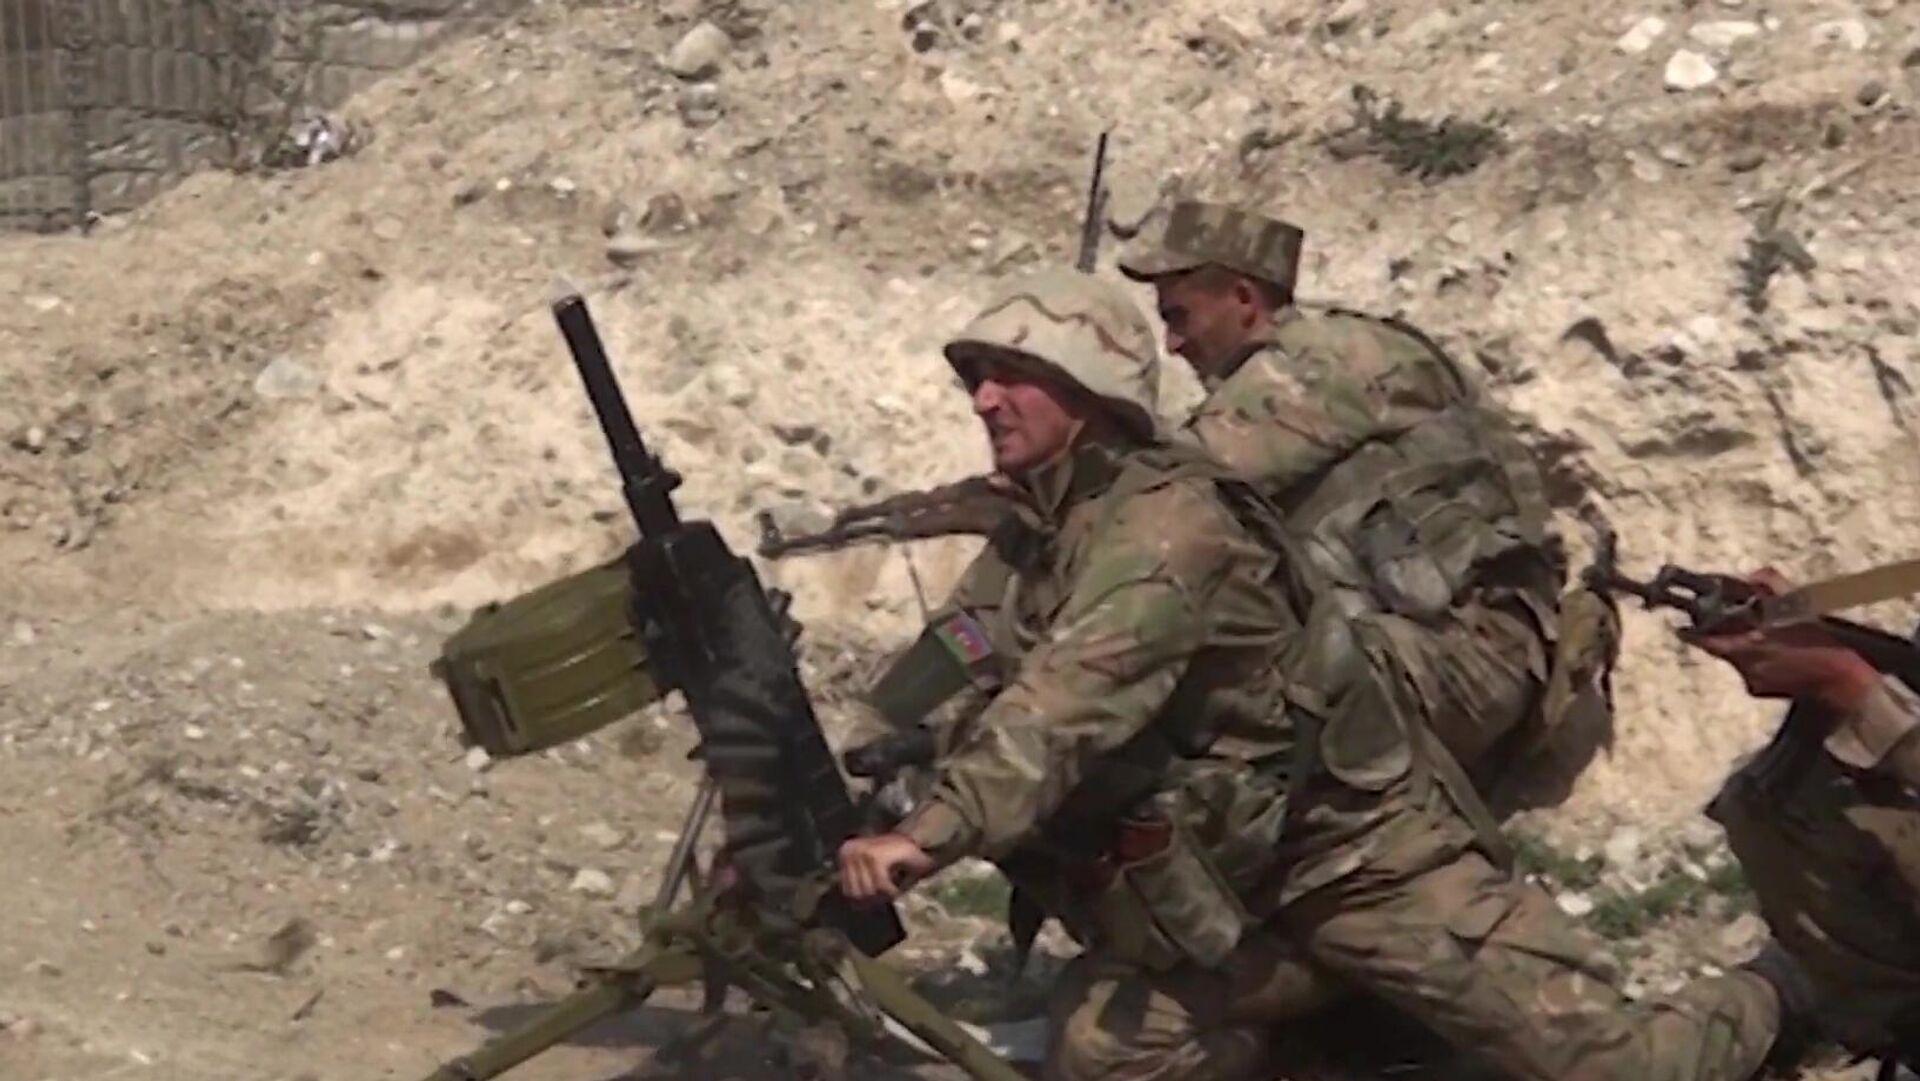 Вооруженные силы Азербайджана ведут боевые действия в Нагорном Карабахе. Скриншот видео - РИА Новости, 1920, 28.09.2020